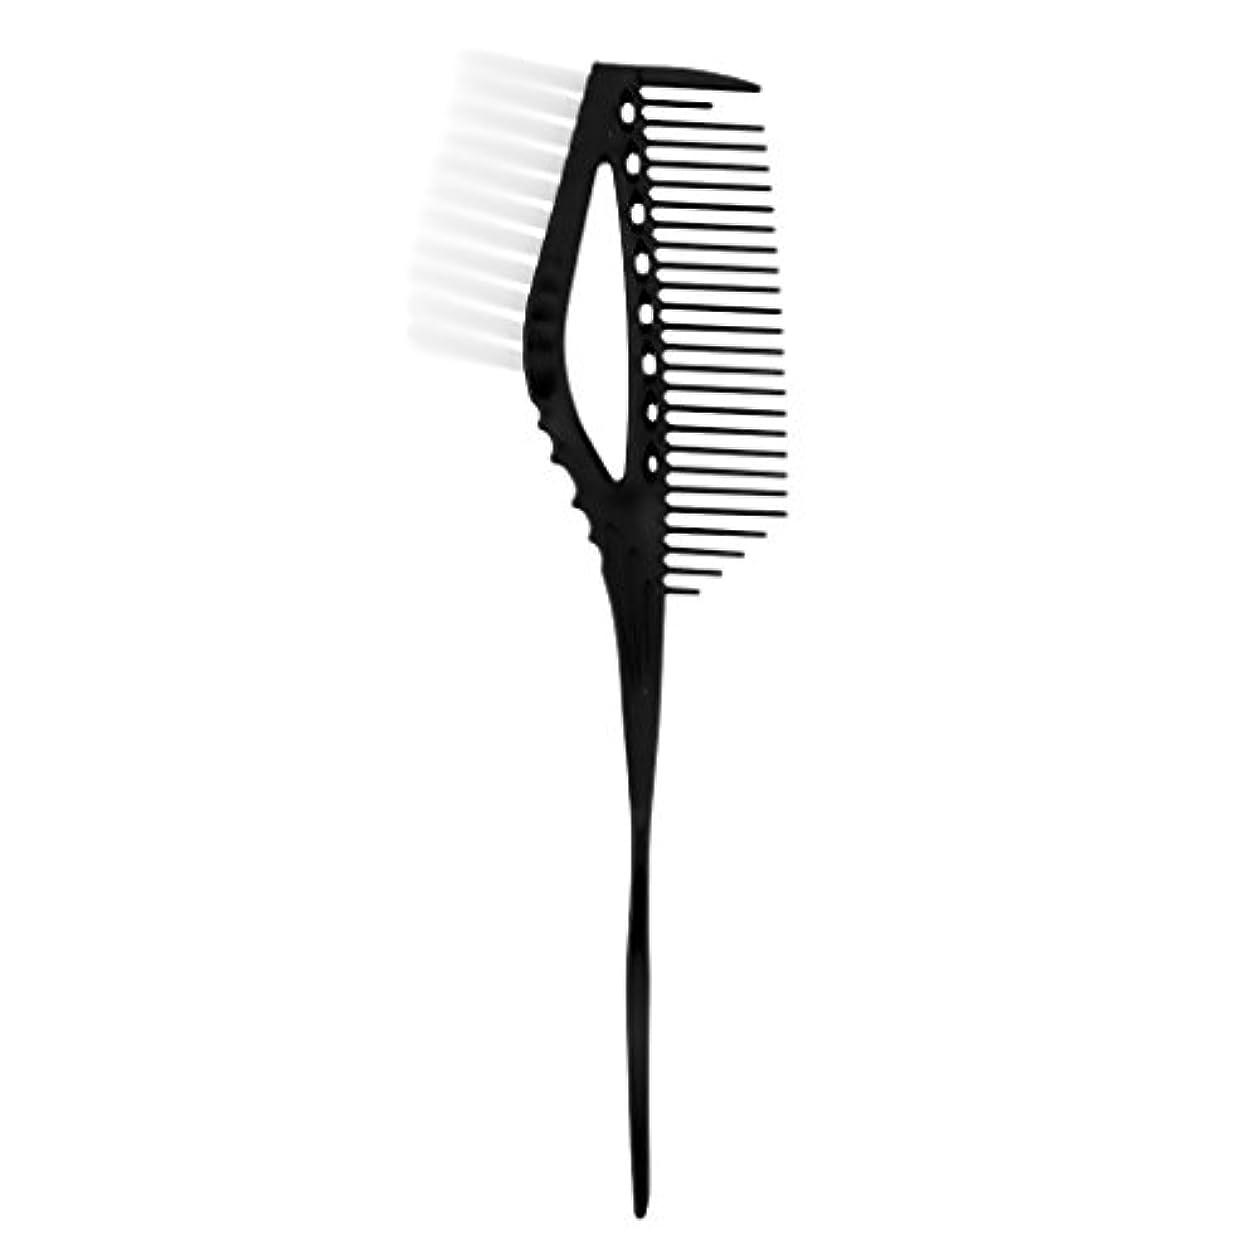 愛コマースアラブサラボハイライト櫛 染め櫛 ヘアブラシ ヘアカラー 色合い ヘアスタイル 便利 3色選べる - ブラック